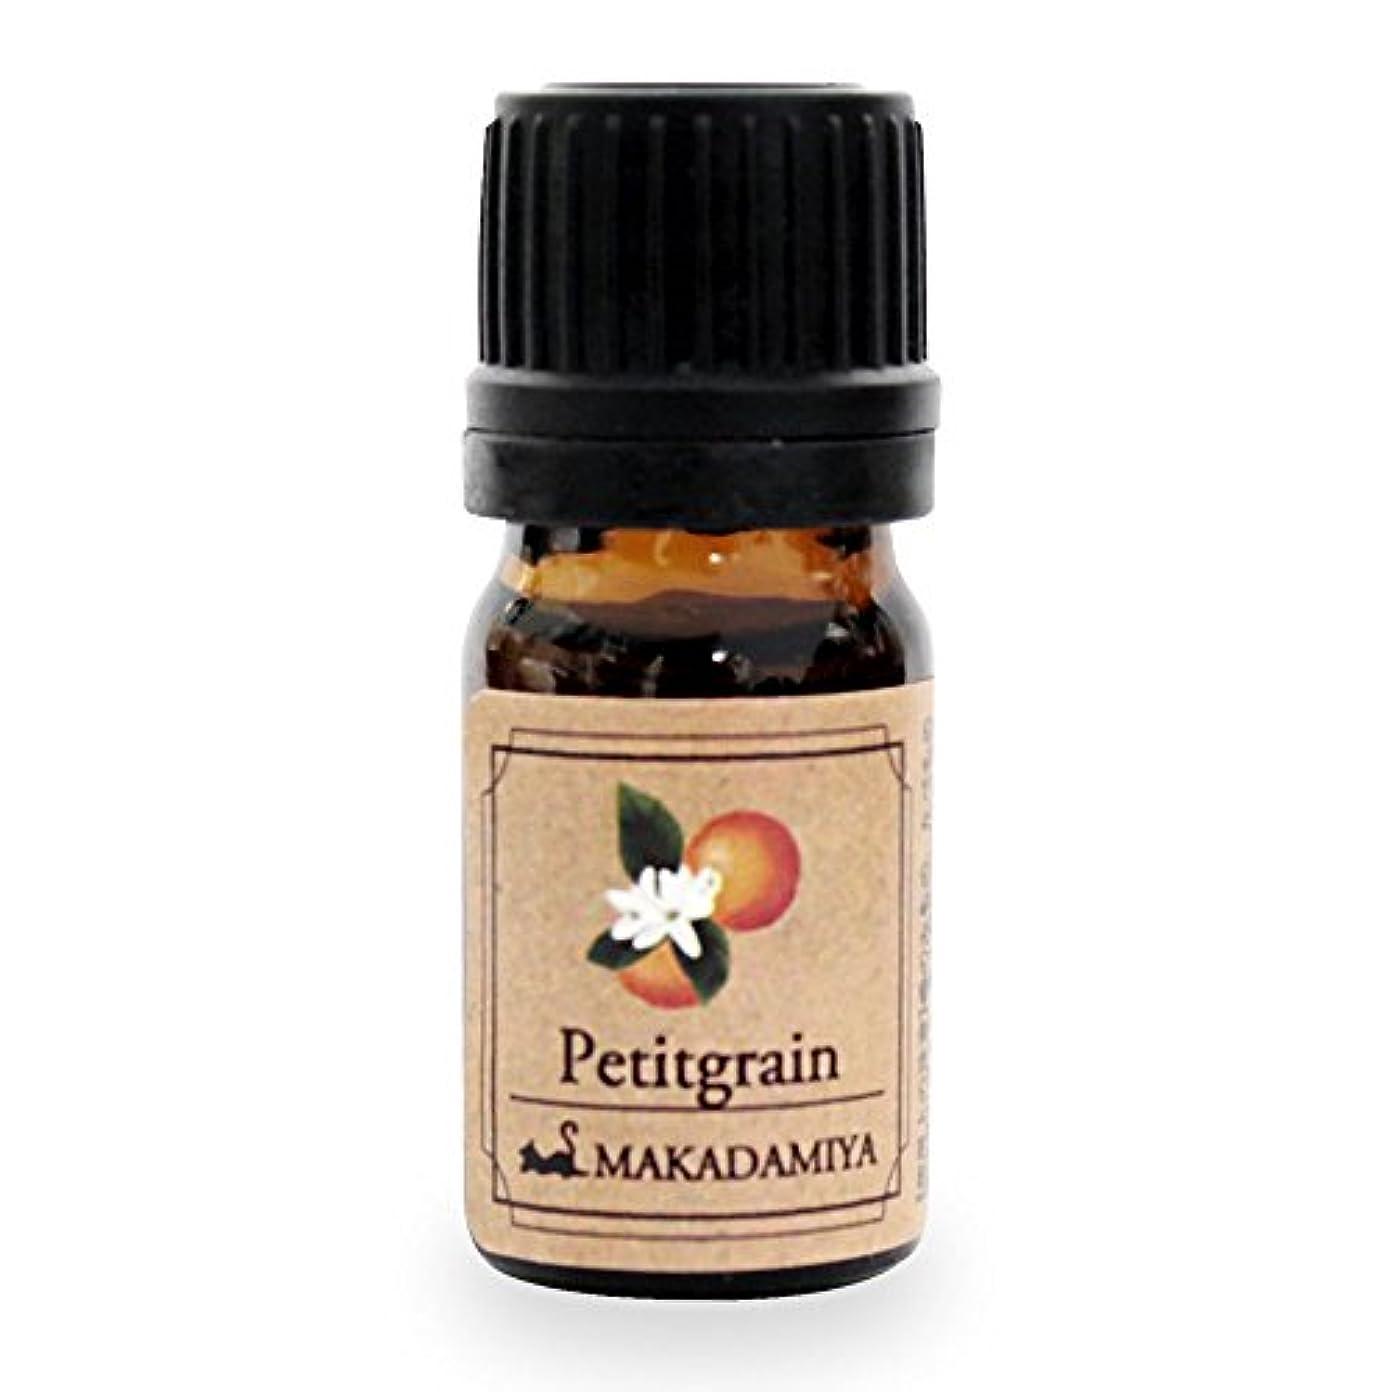 悪魔膨張する滅多プチグレン5ml 天然100%植物性 エッセンシャルオイル(精油) アロマオイル アロママッサージ aroma Petitgrain